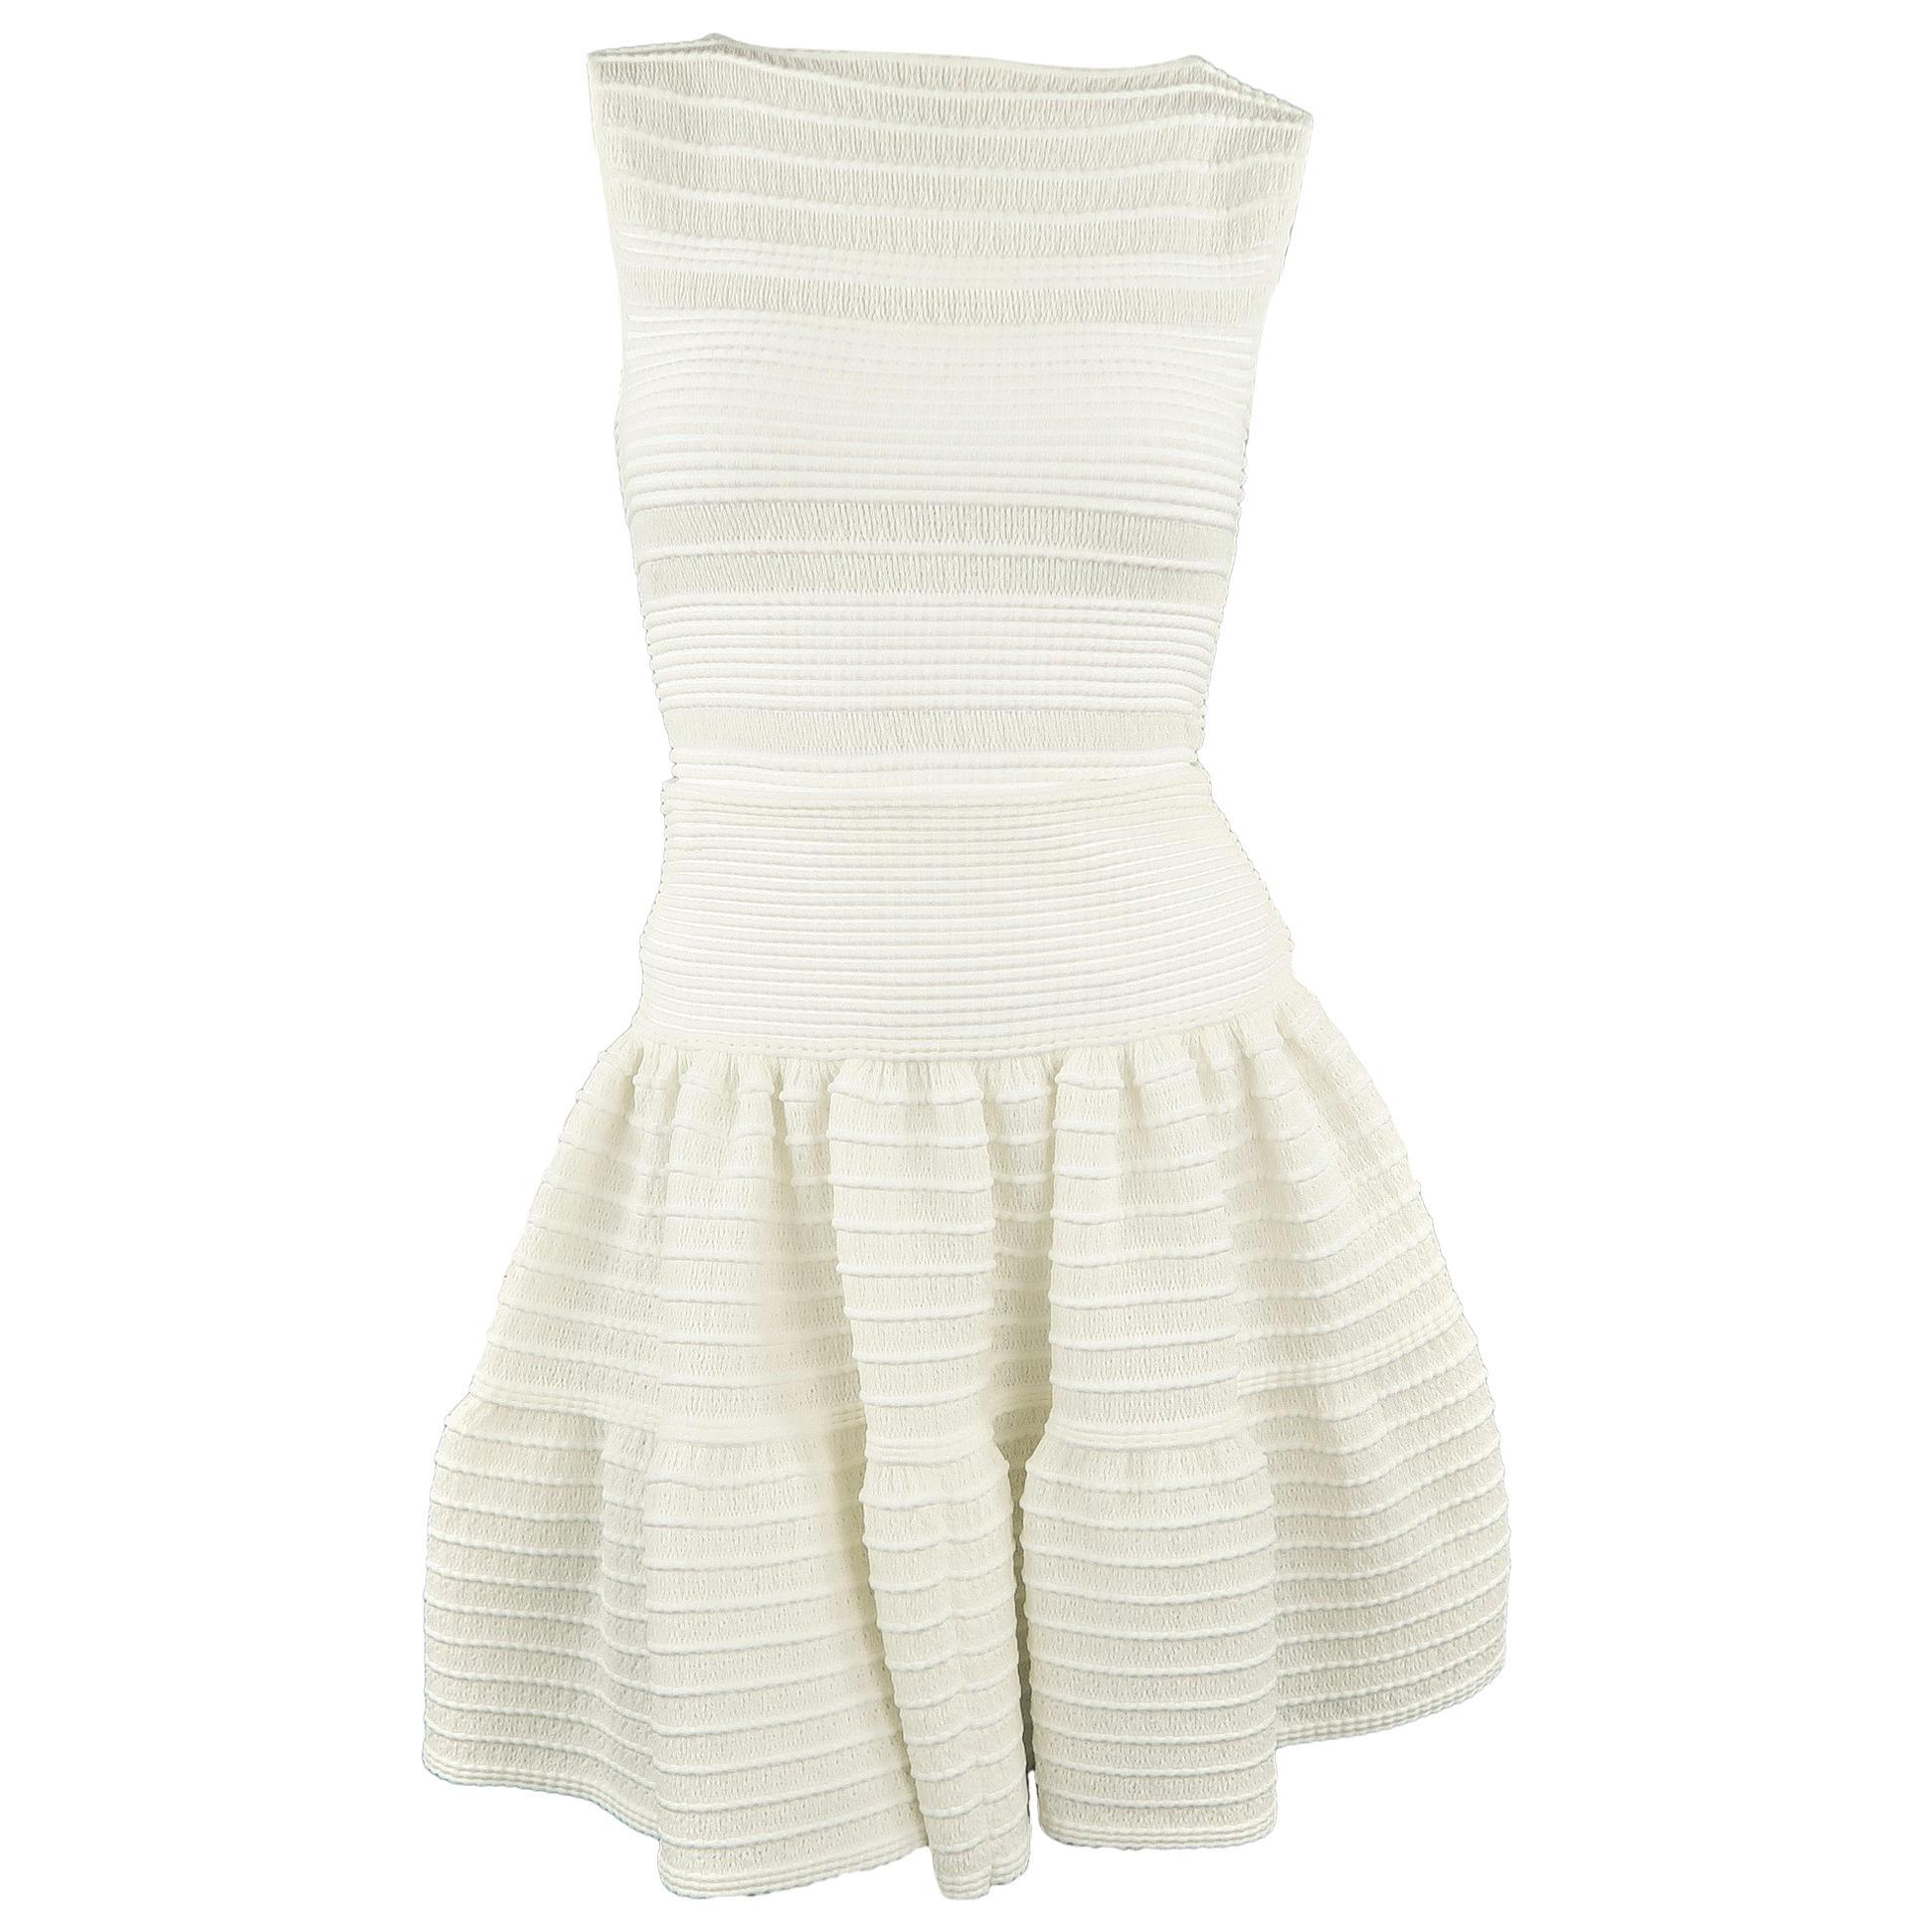 ALAIA Size S White Textured Knit Sleeveless Top & Skirt Set